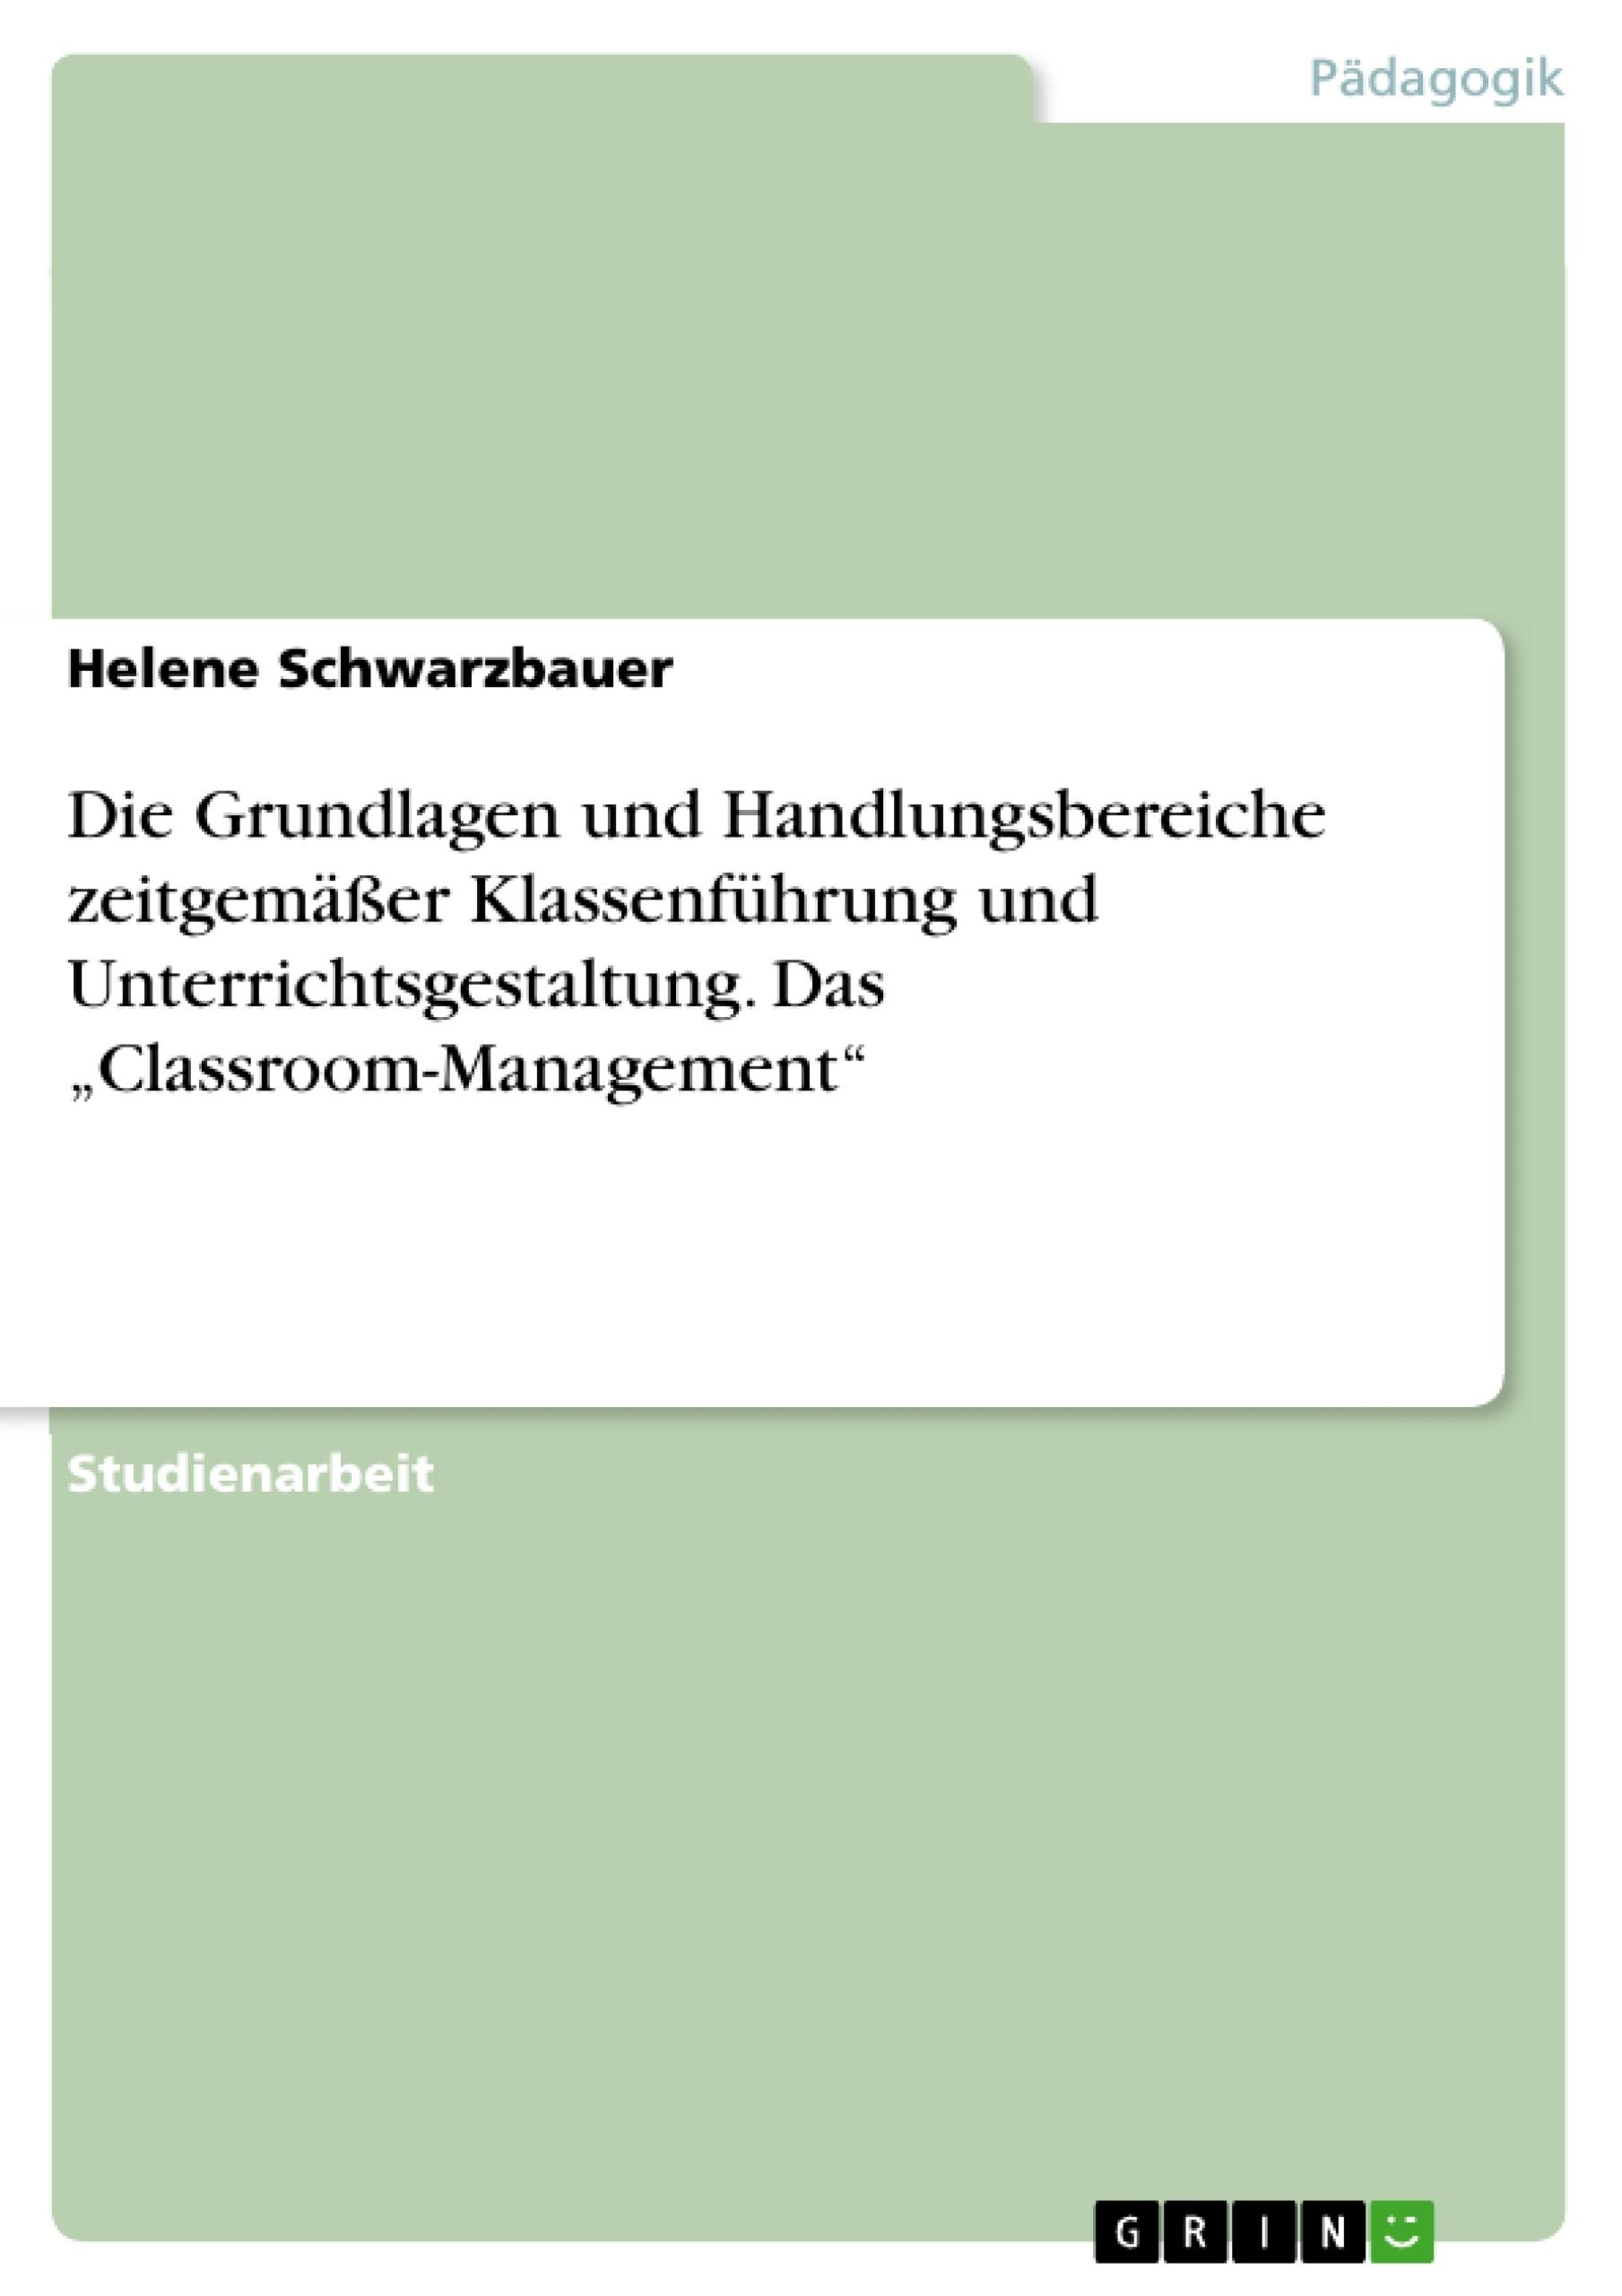 """Titel: Die Grundlagen und Handlungsbereiche zeitgemäßer Klassenführung und Unterrichtsgestaltung. Das """"Classroom-Management"""""""